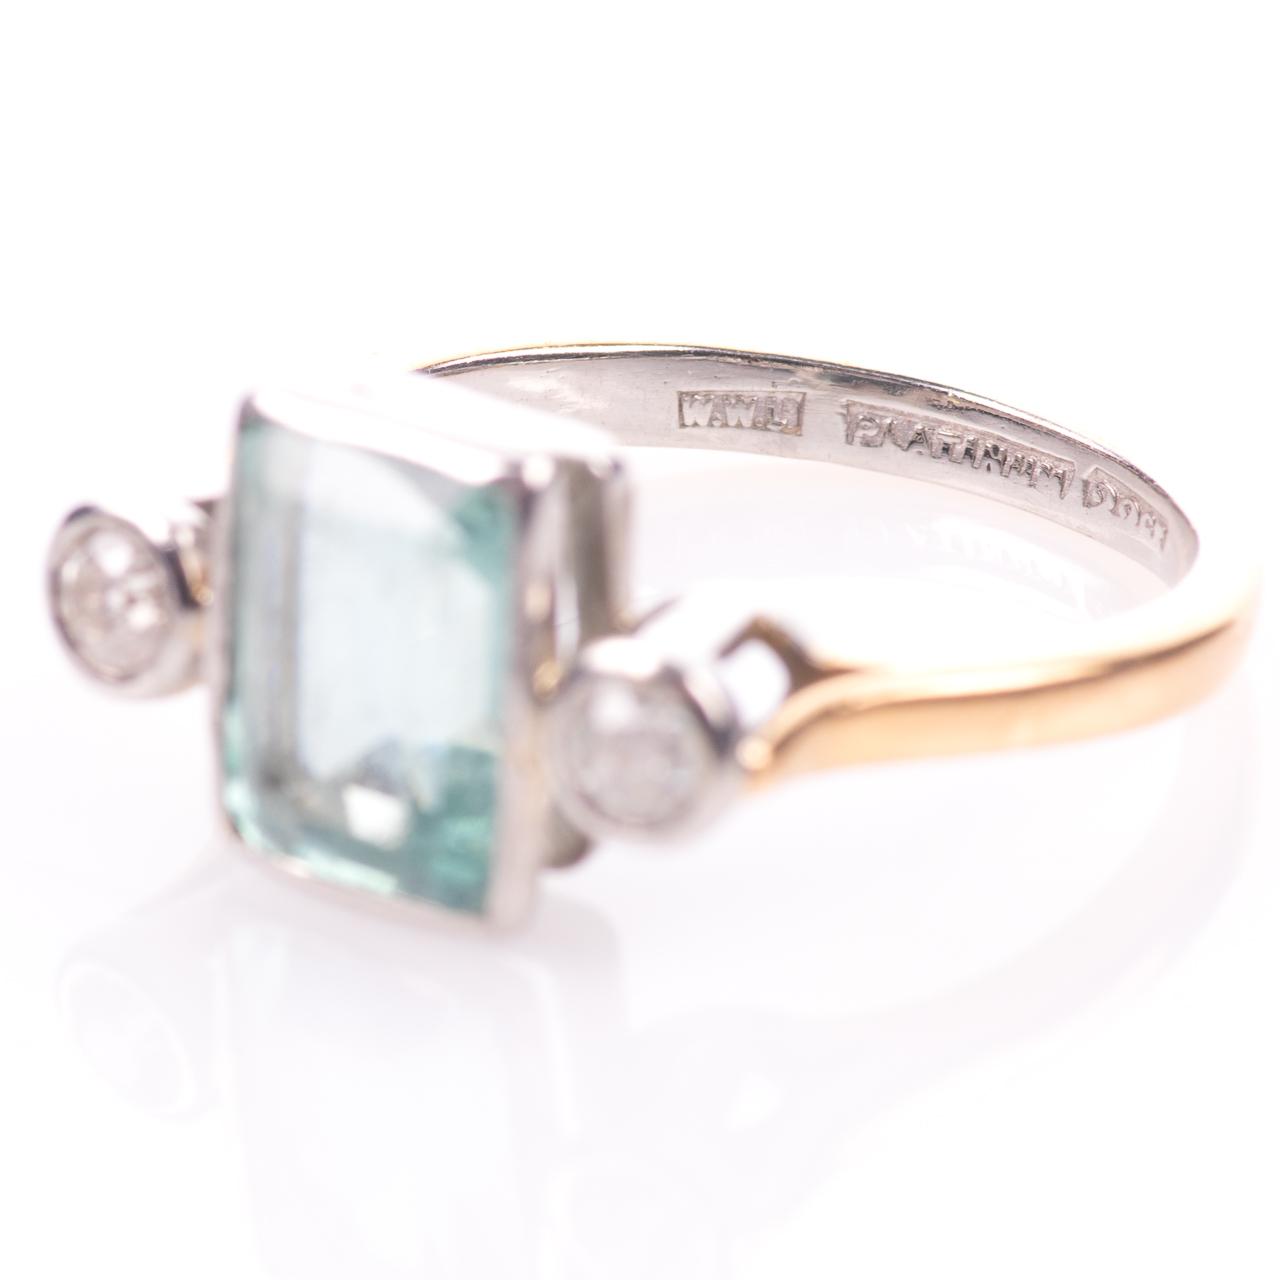 22ct Gold & Platinum 2ct Aquamarine & Diamond Art Deco Ring - Image 4 of 8